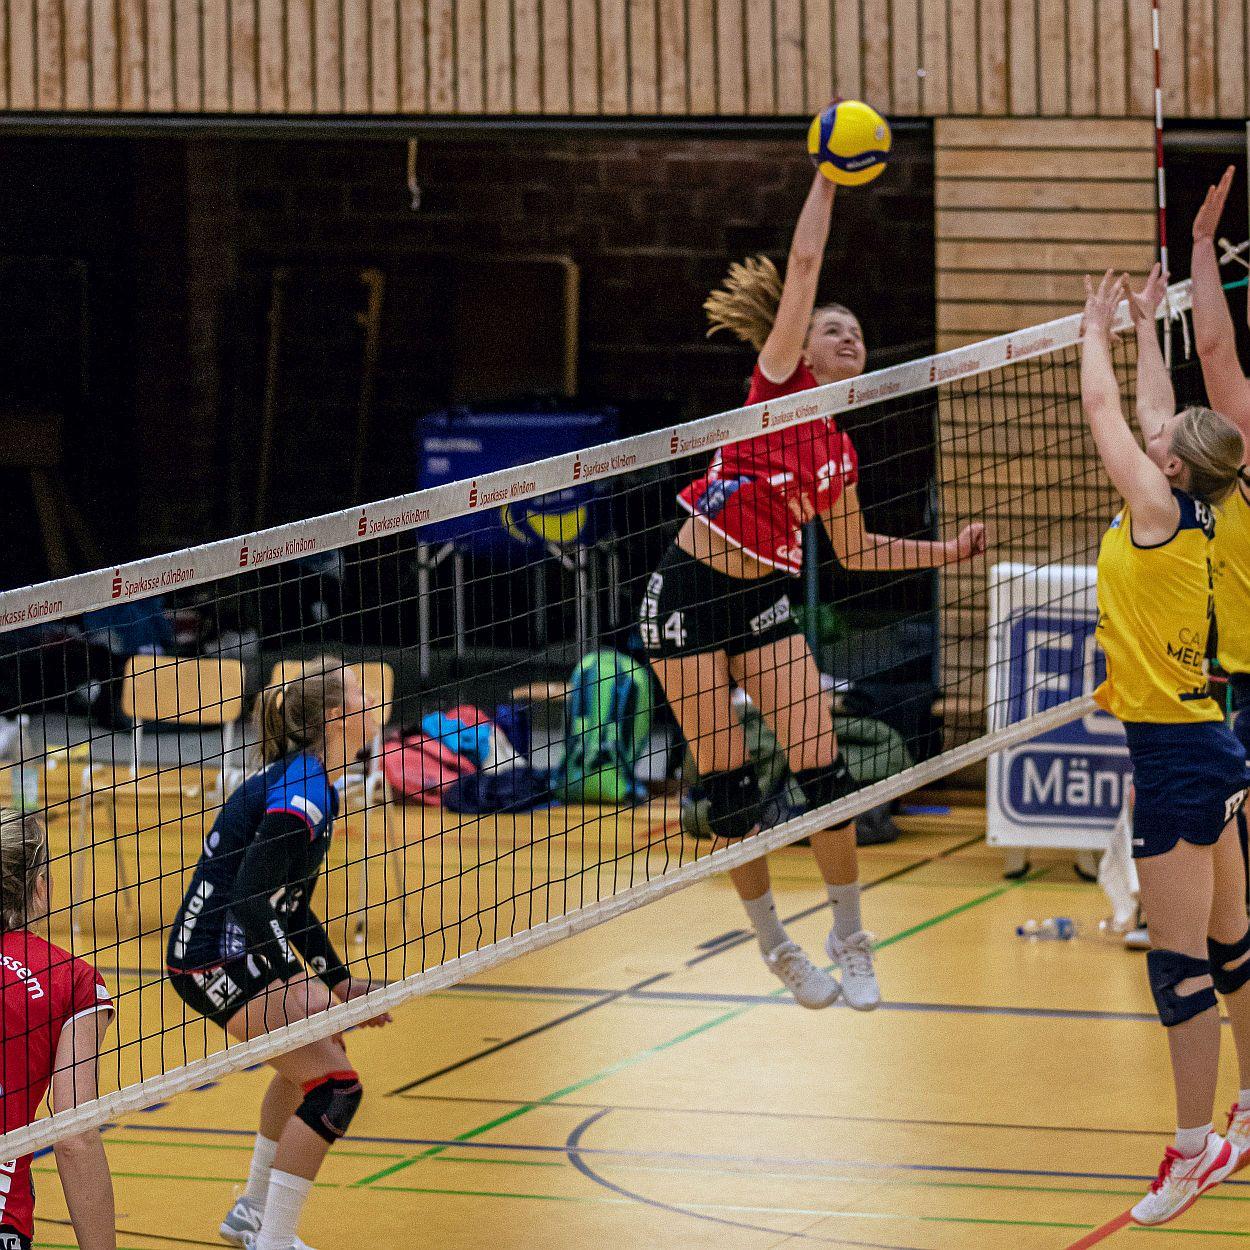 Mit neuen Schwung zurück aufs Feld – Für die Aligser Volleyballteams beginnt an diesem Wochenende wieder der Spielbetrieb